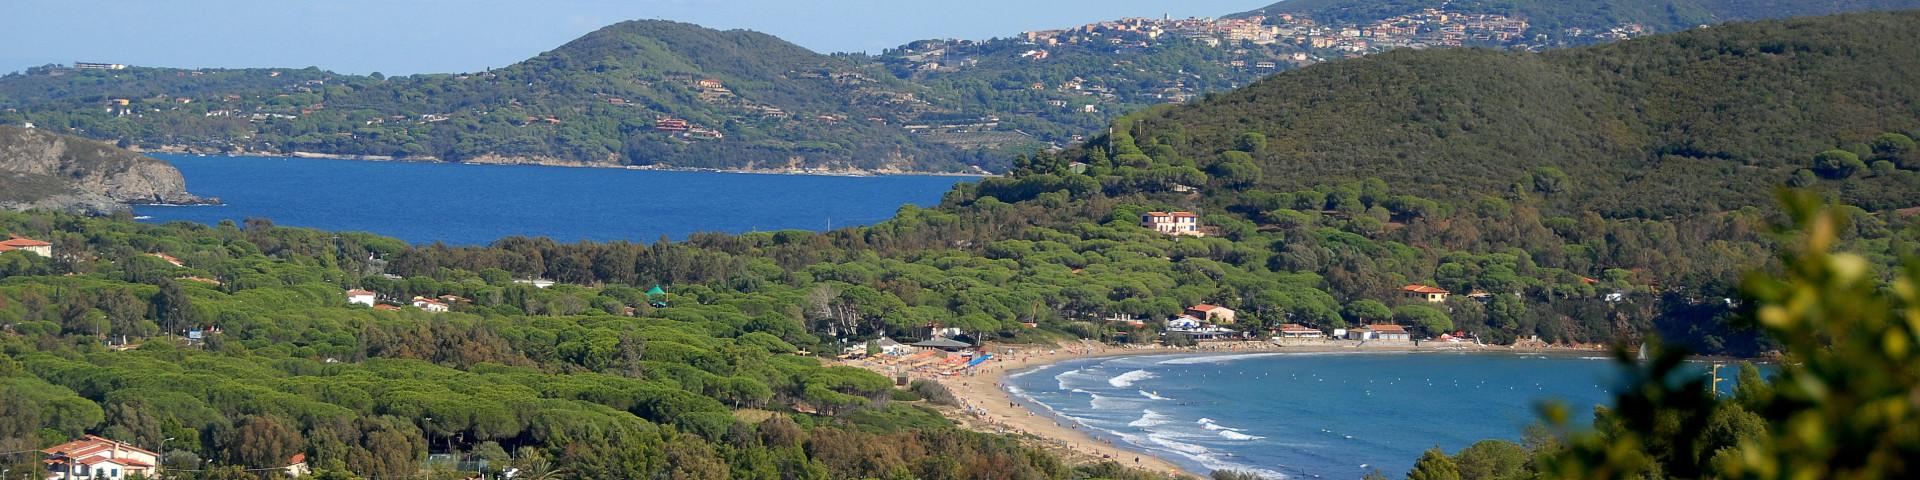 Lacona, pohled na hlavní písčitou pláž i vzdálenější oblázkovou, v pozadí Capoliveri